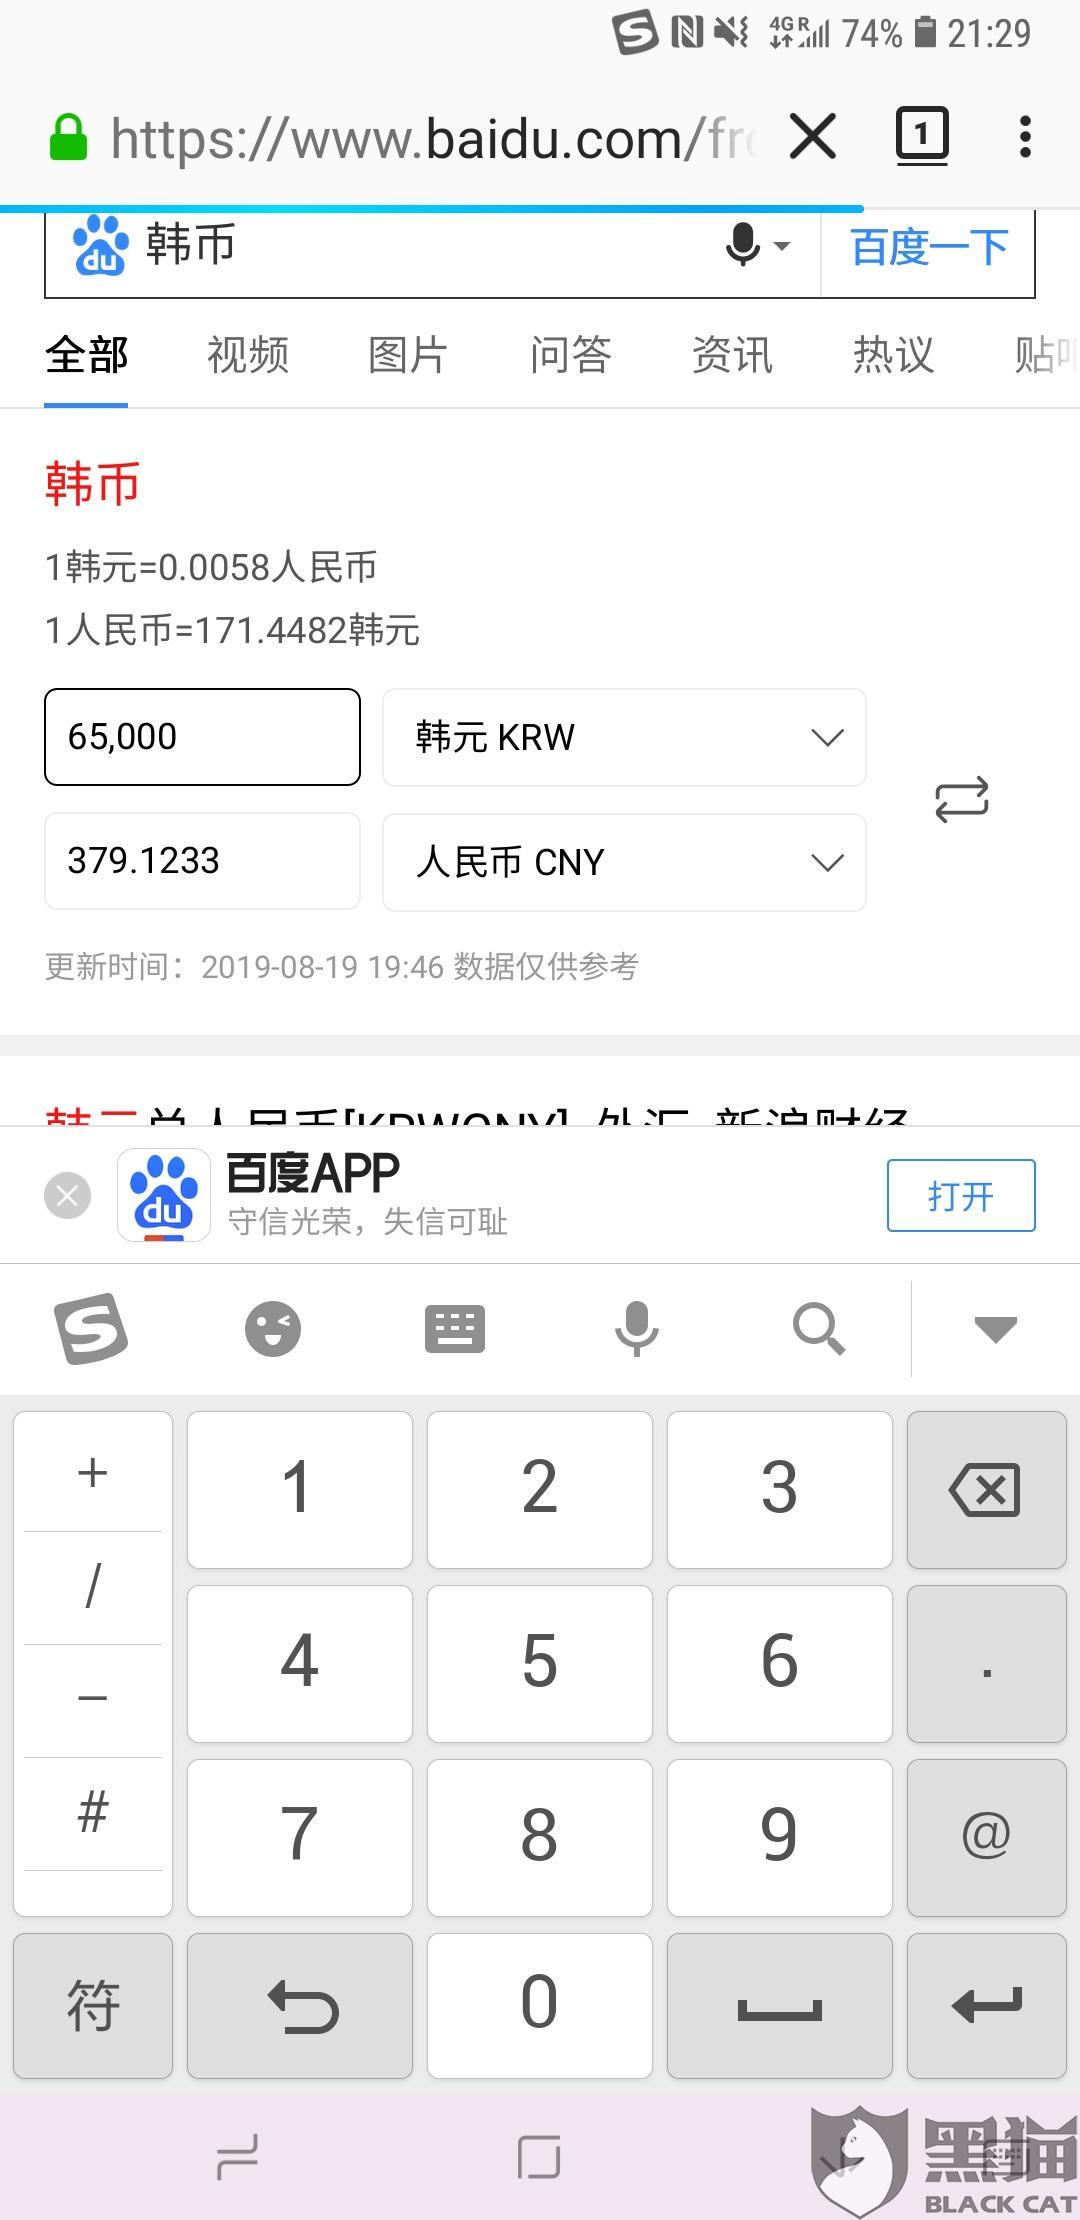 黑猫投诉:飞猪洛阳背包客旅游专营店虚假发货